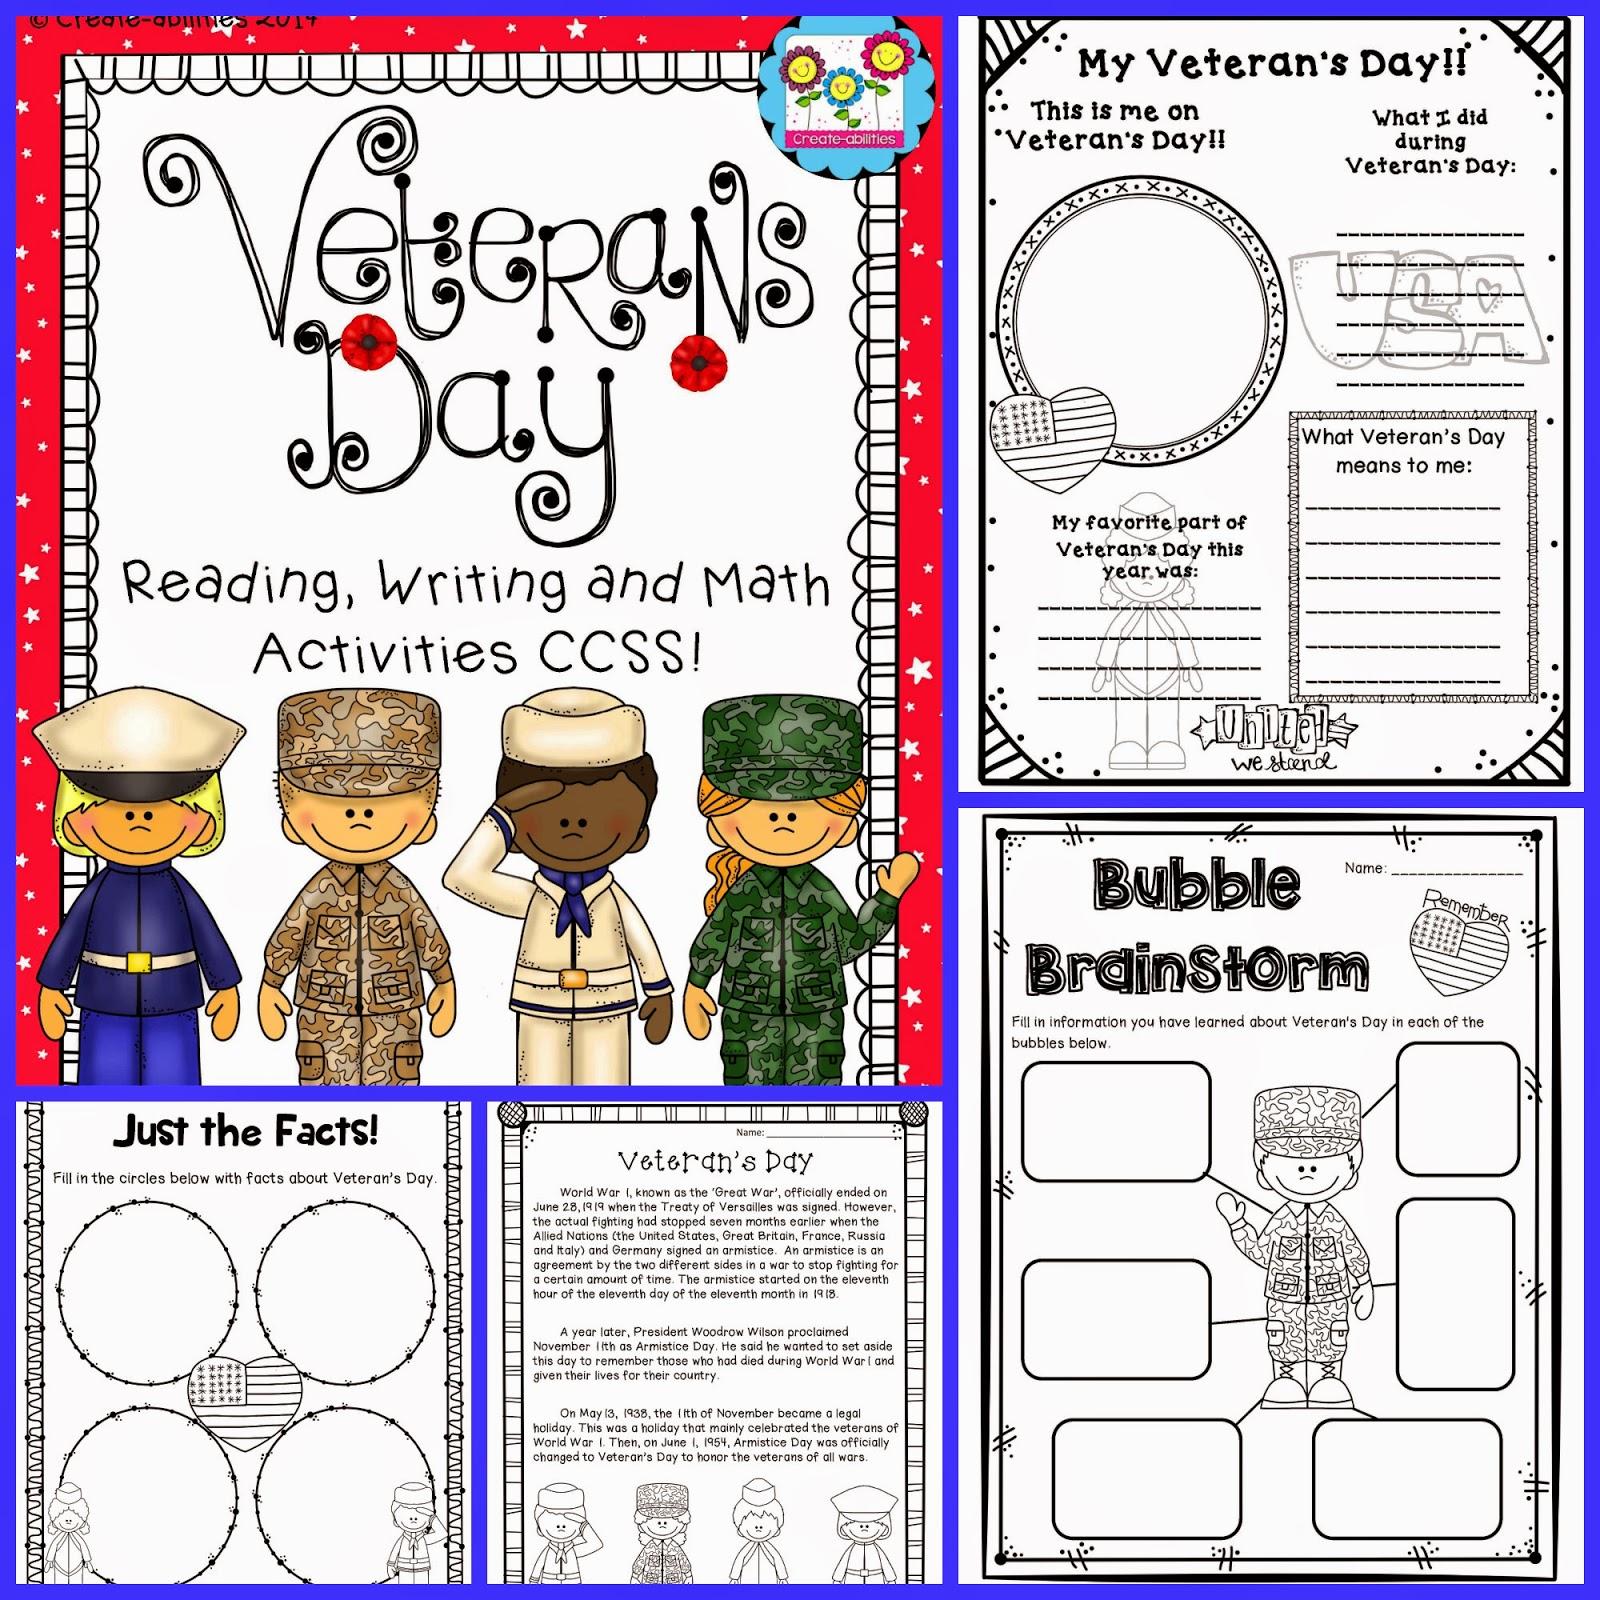 http://www.teacherspayteachers.com/Product/Veterans-Day-Mega-Pack-1475807